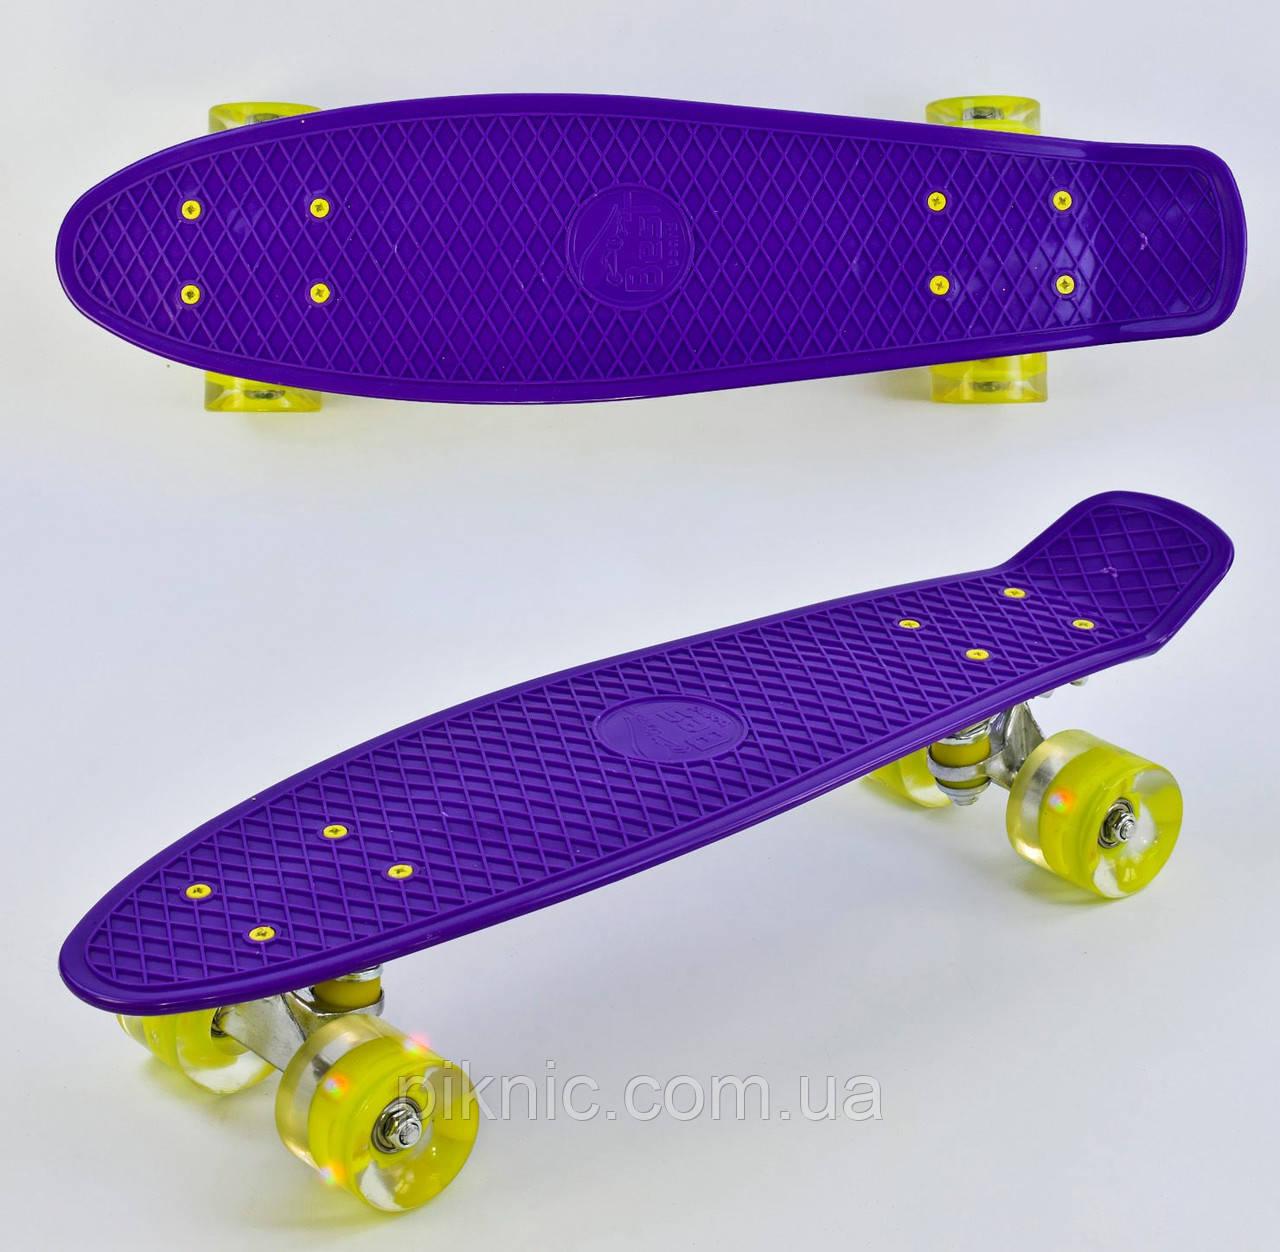 Пенни борд 55 см, СВЕТ колёса PU 6см Фиолетовый Скейтборд, Лонгборд для детей, детский, подростковый